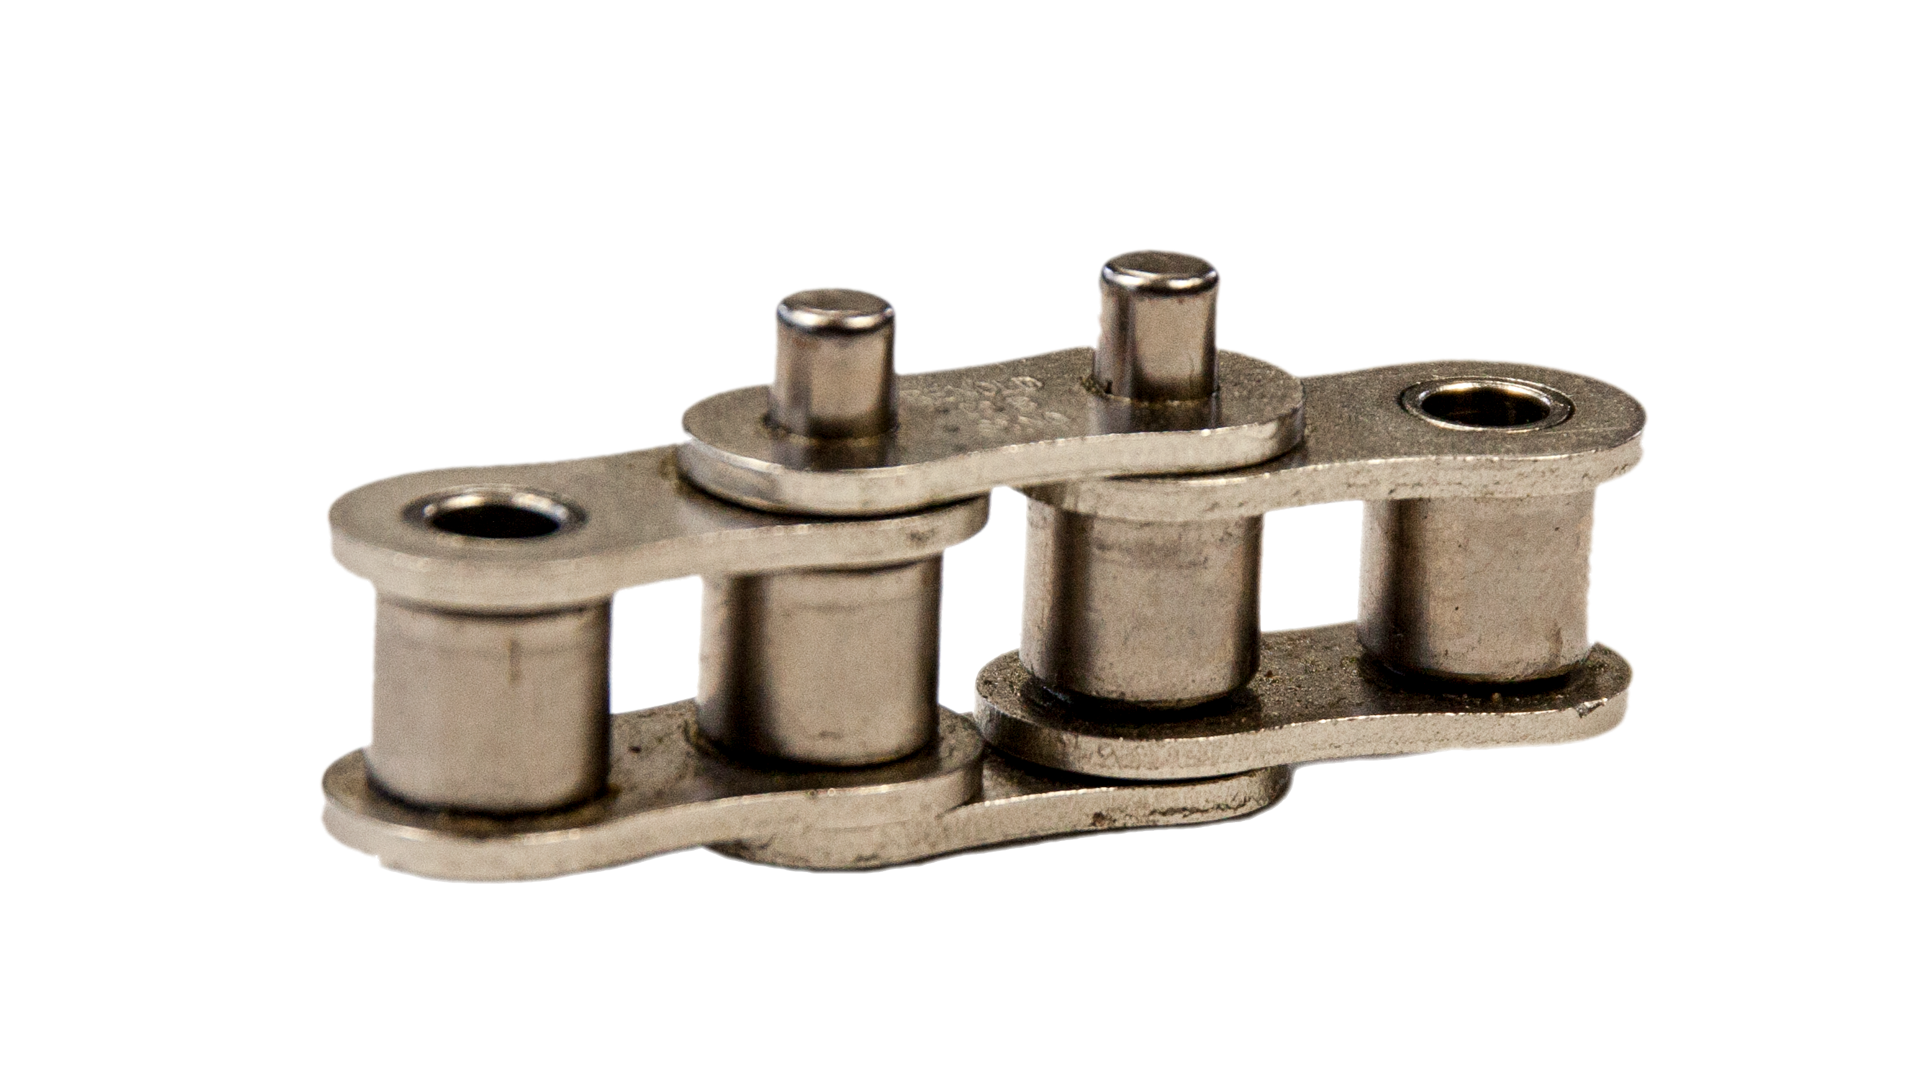 Einfach-Rollenkette (Simplex), mit einseitig verlängerten Bolzen